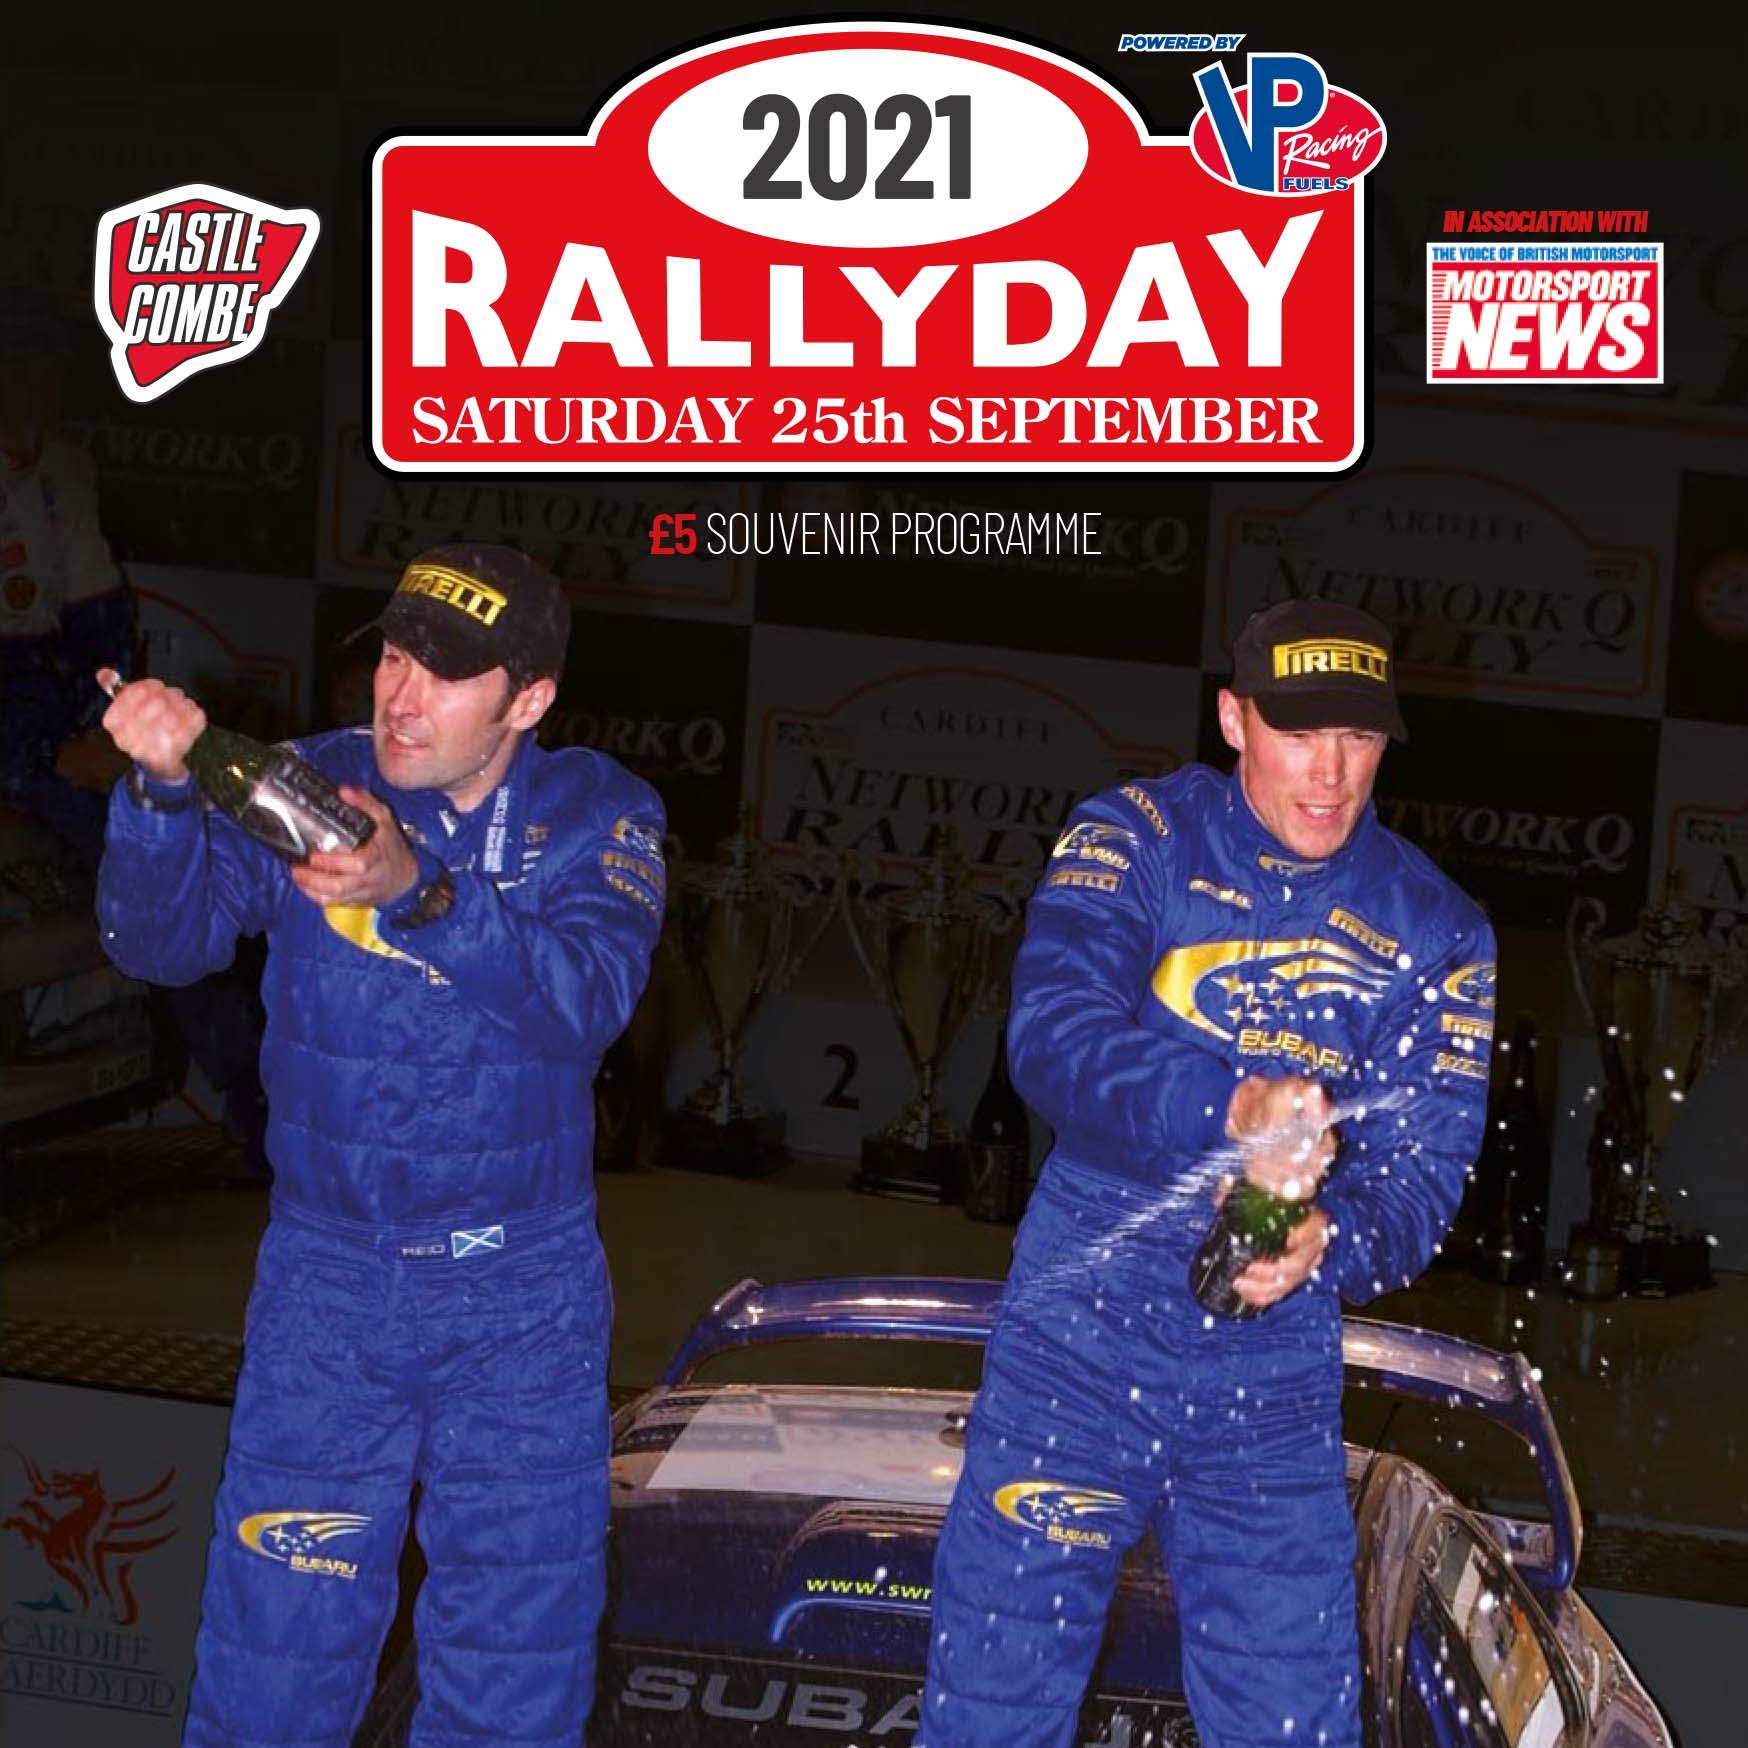 2021 Rallyday Programme